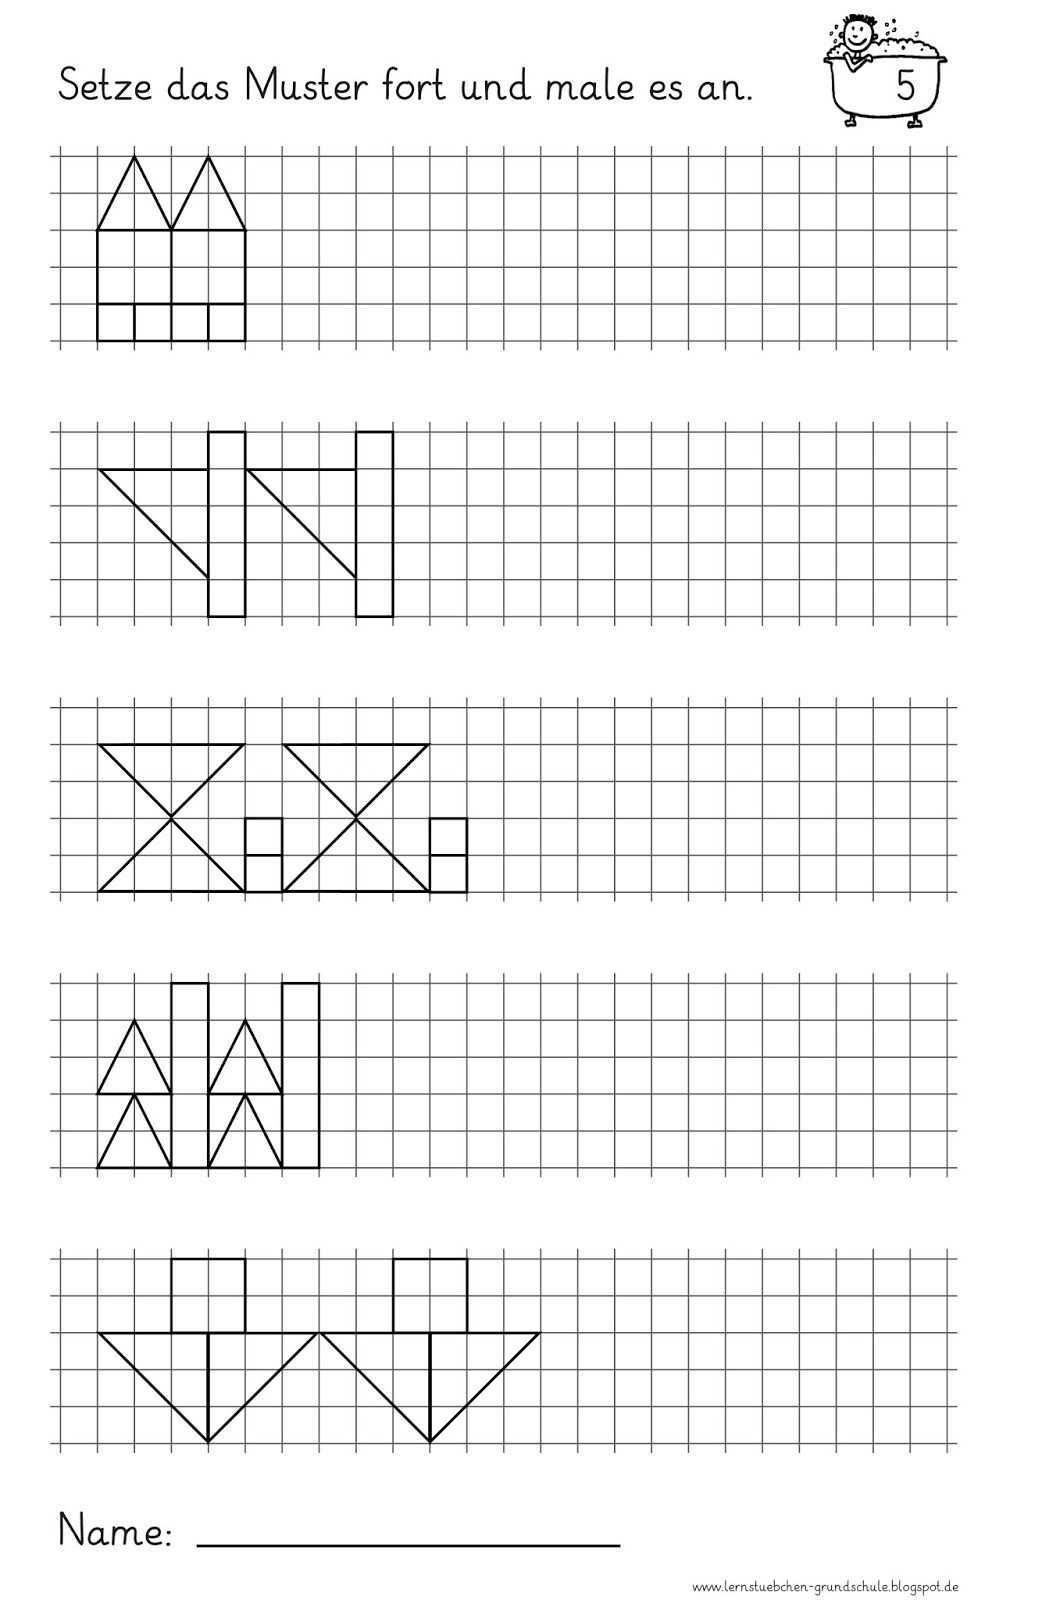 Hier Jetzt Die Nachsten 4 Arbeitsblatter Euch Einen Schonen Tag Lg Gille Schrift Grundsch Mathematikunterricht Mathe Unterrichten Kinder Schule